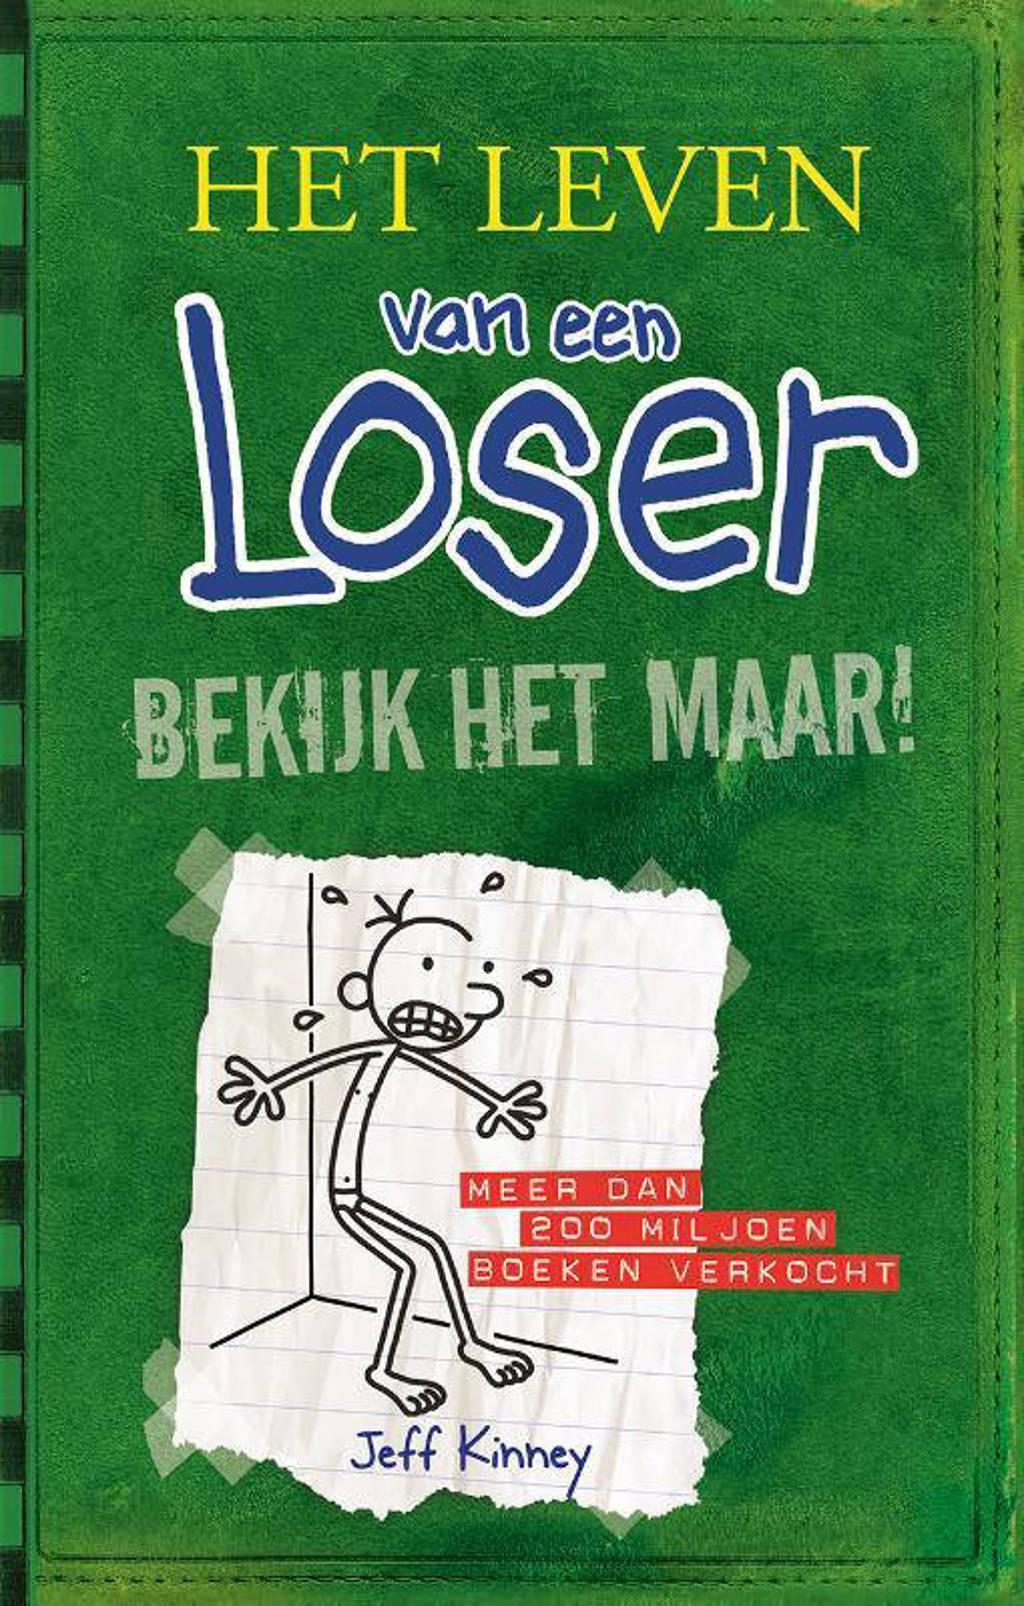 Het leven van een Loser: Bekijk het maar! - Jeff Kinney